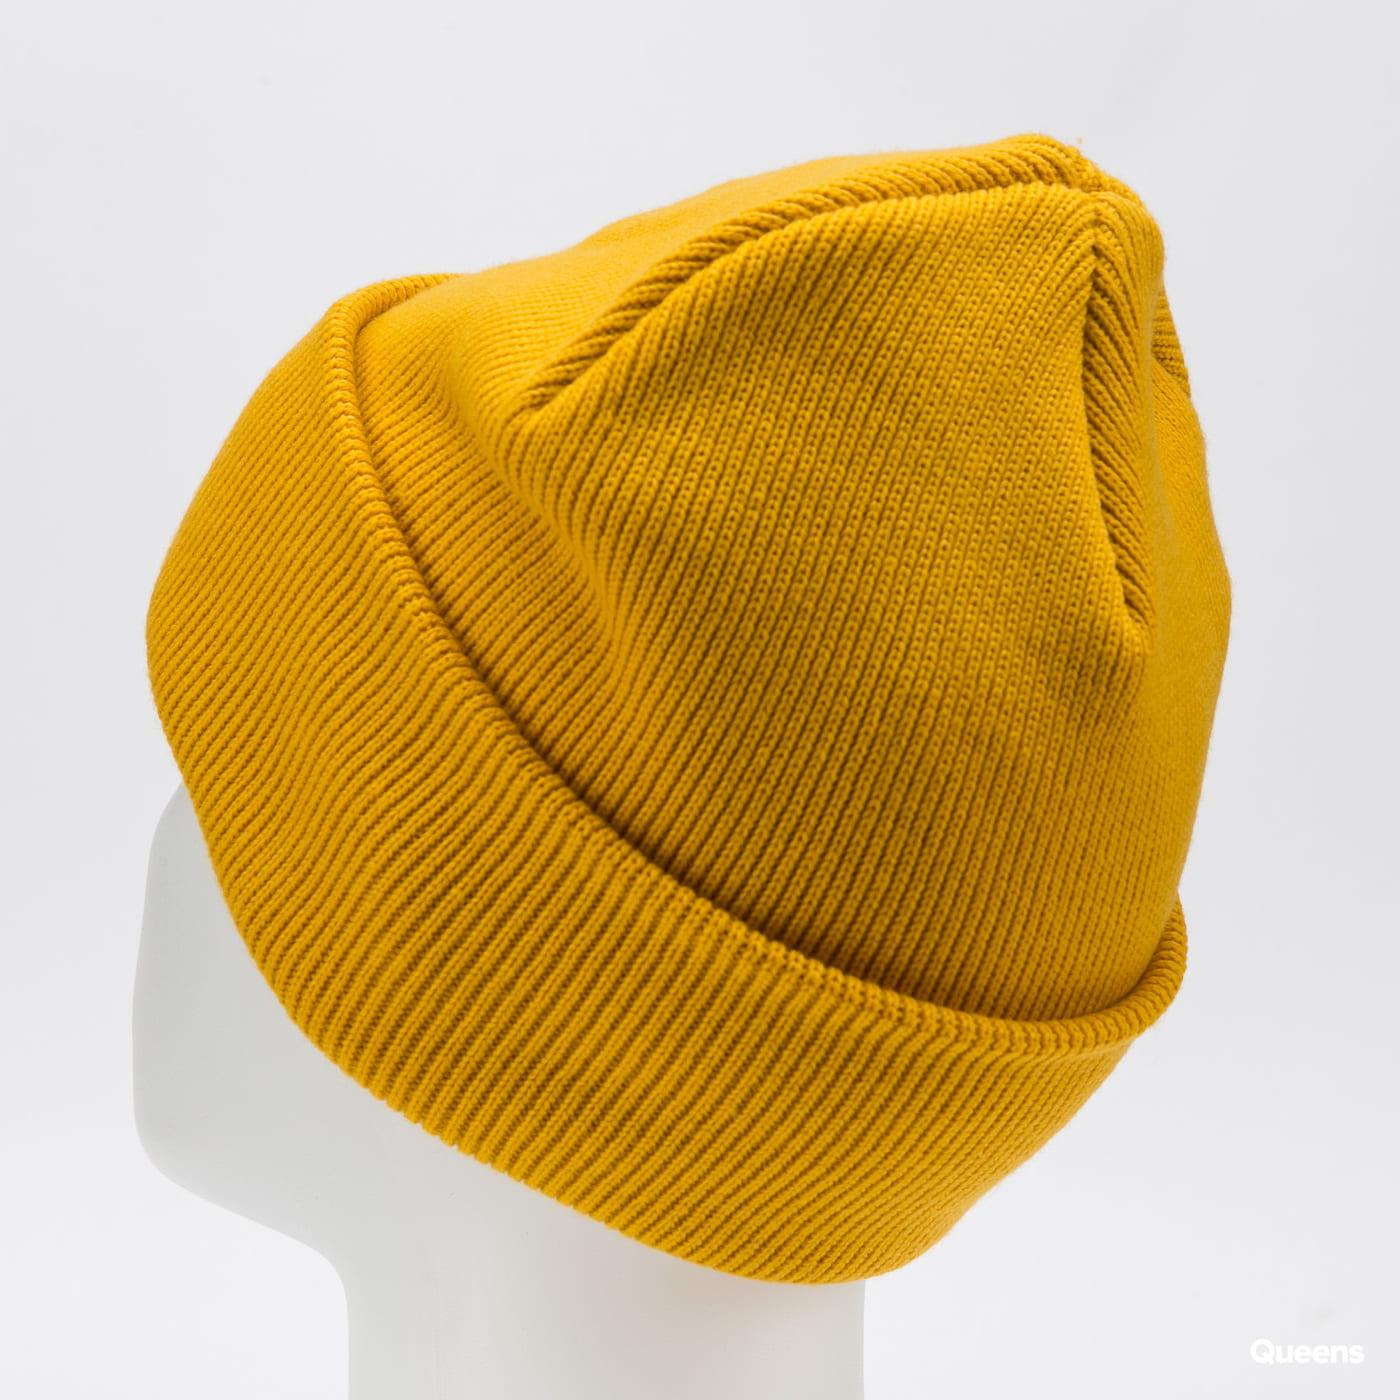 KANGOL Acrylic Pull-On yellow